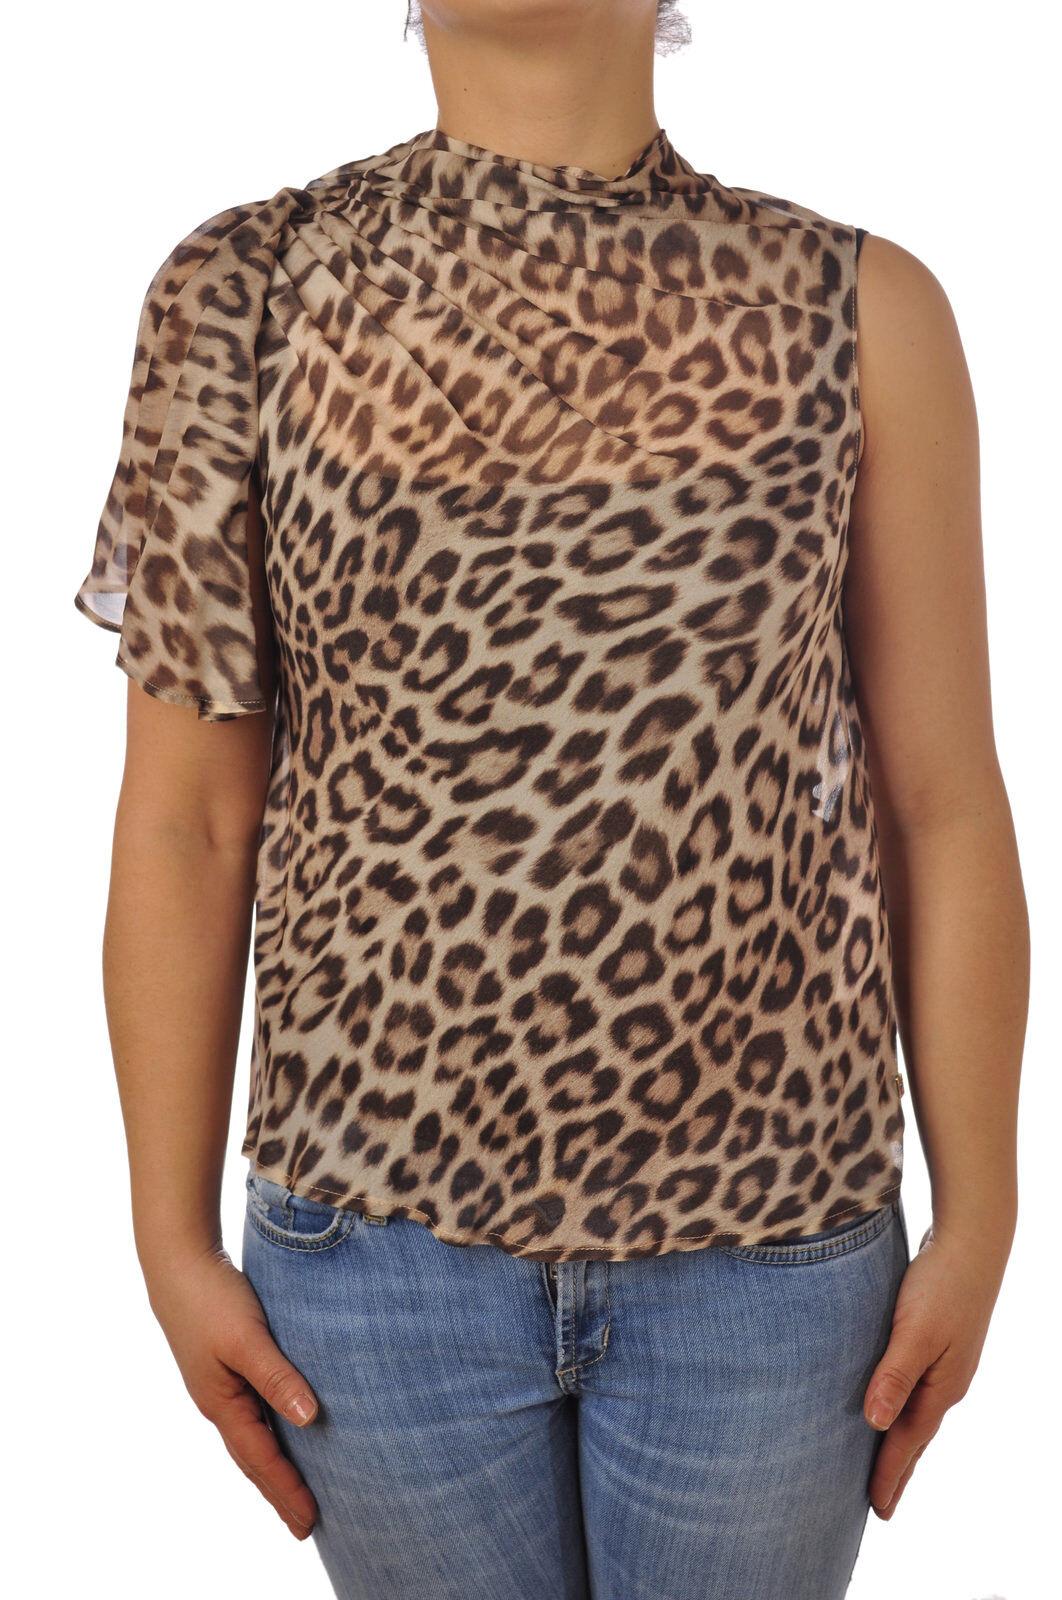 Twin Set - Shirts-Blouses - Woman - Fantasy - 5108510C191025